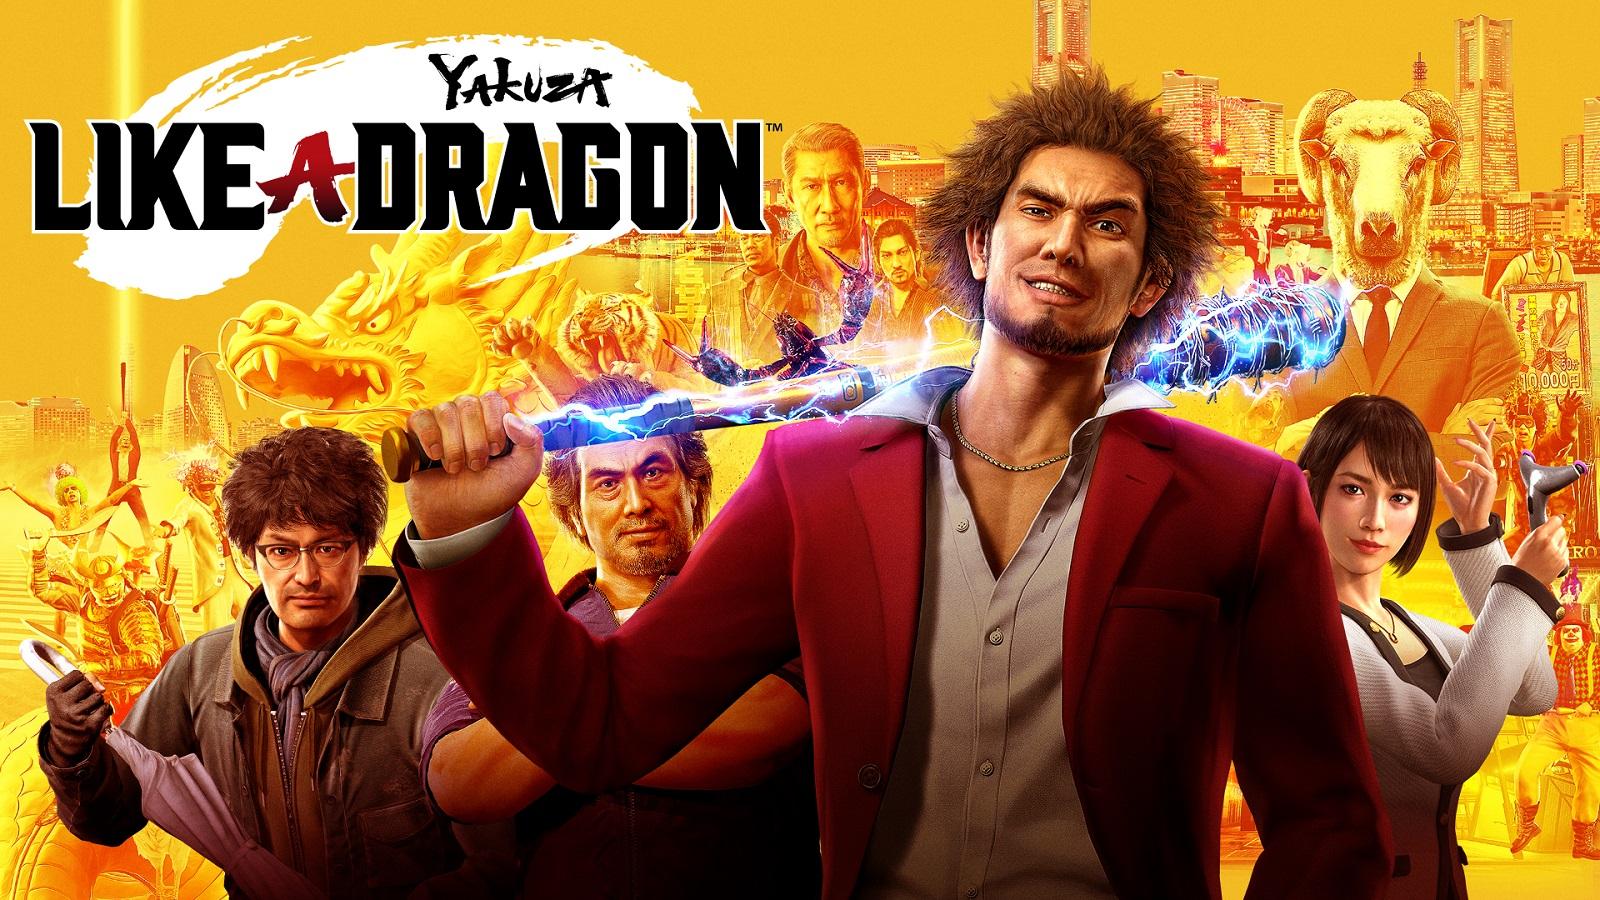 Локализаторы Yakuza: Like a Dragon добавили забавную пасхалку, которую придумал фанат